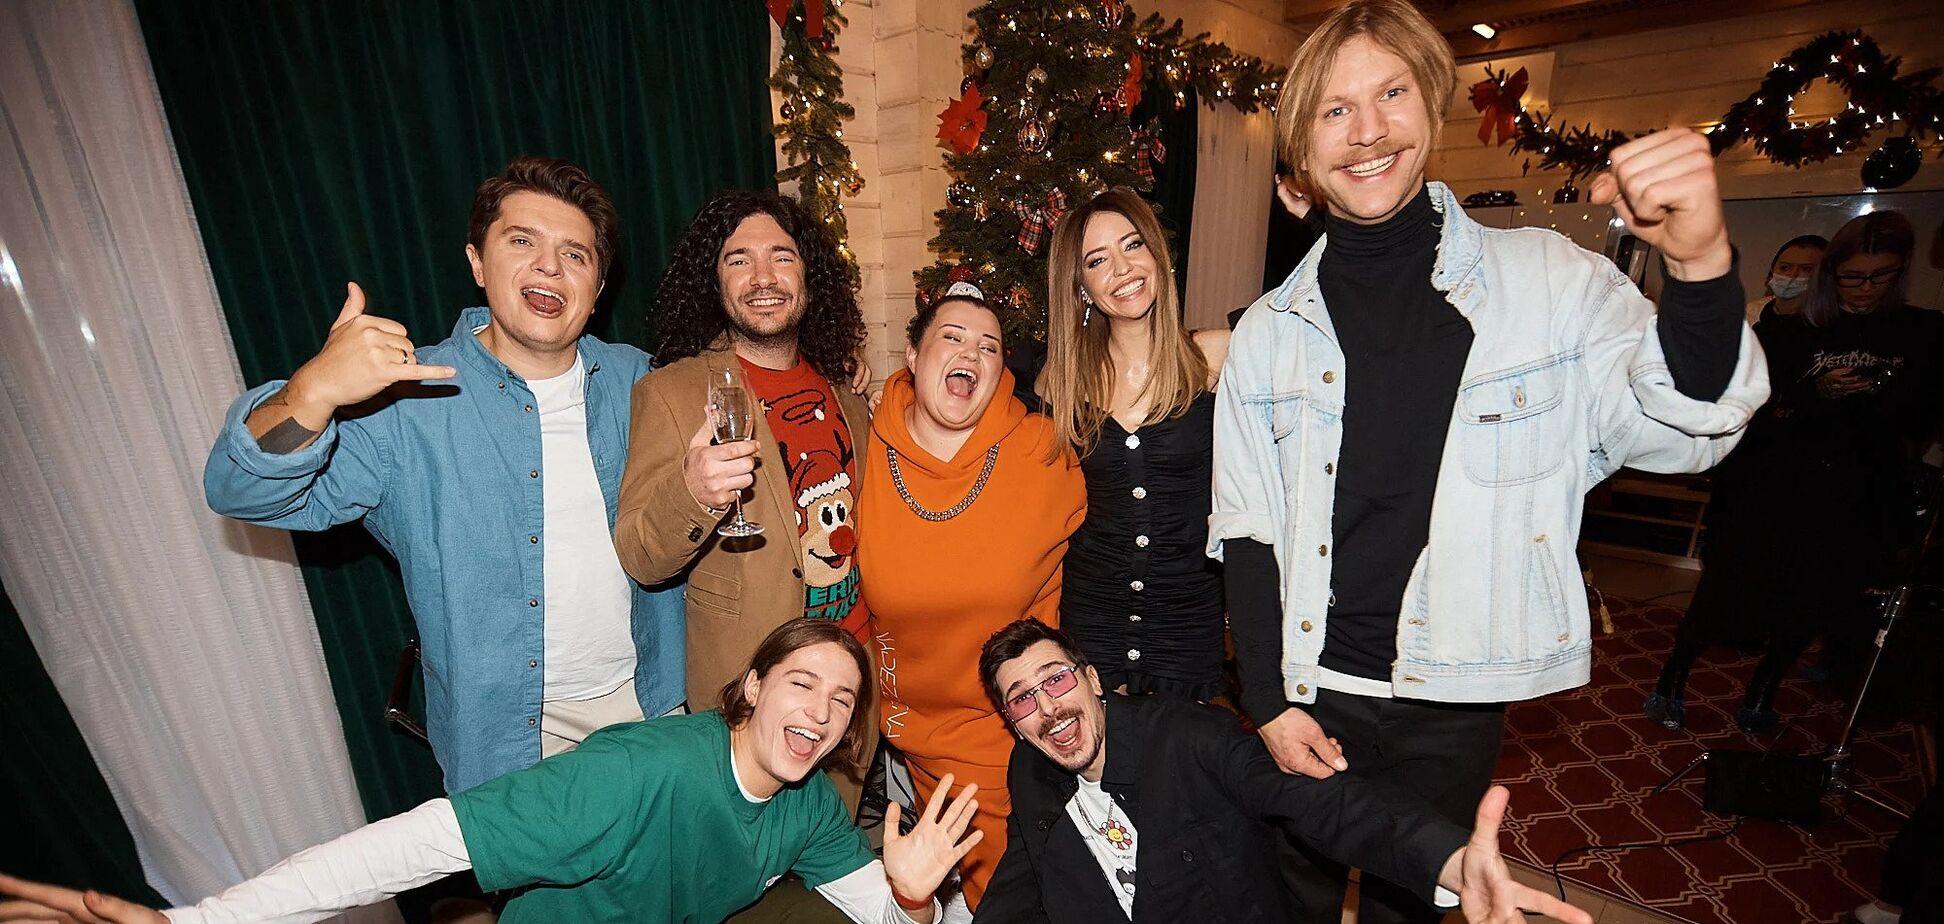 Дорн выпустил новогодний огонек 'Годный год' с Дорофеевой, Сердючкой и Чапкисом